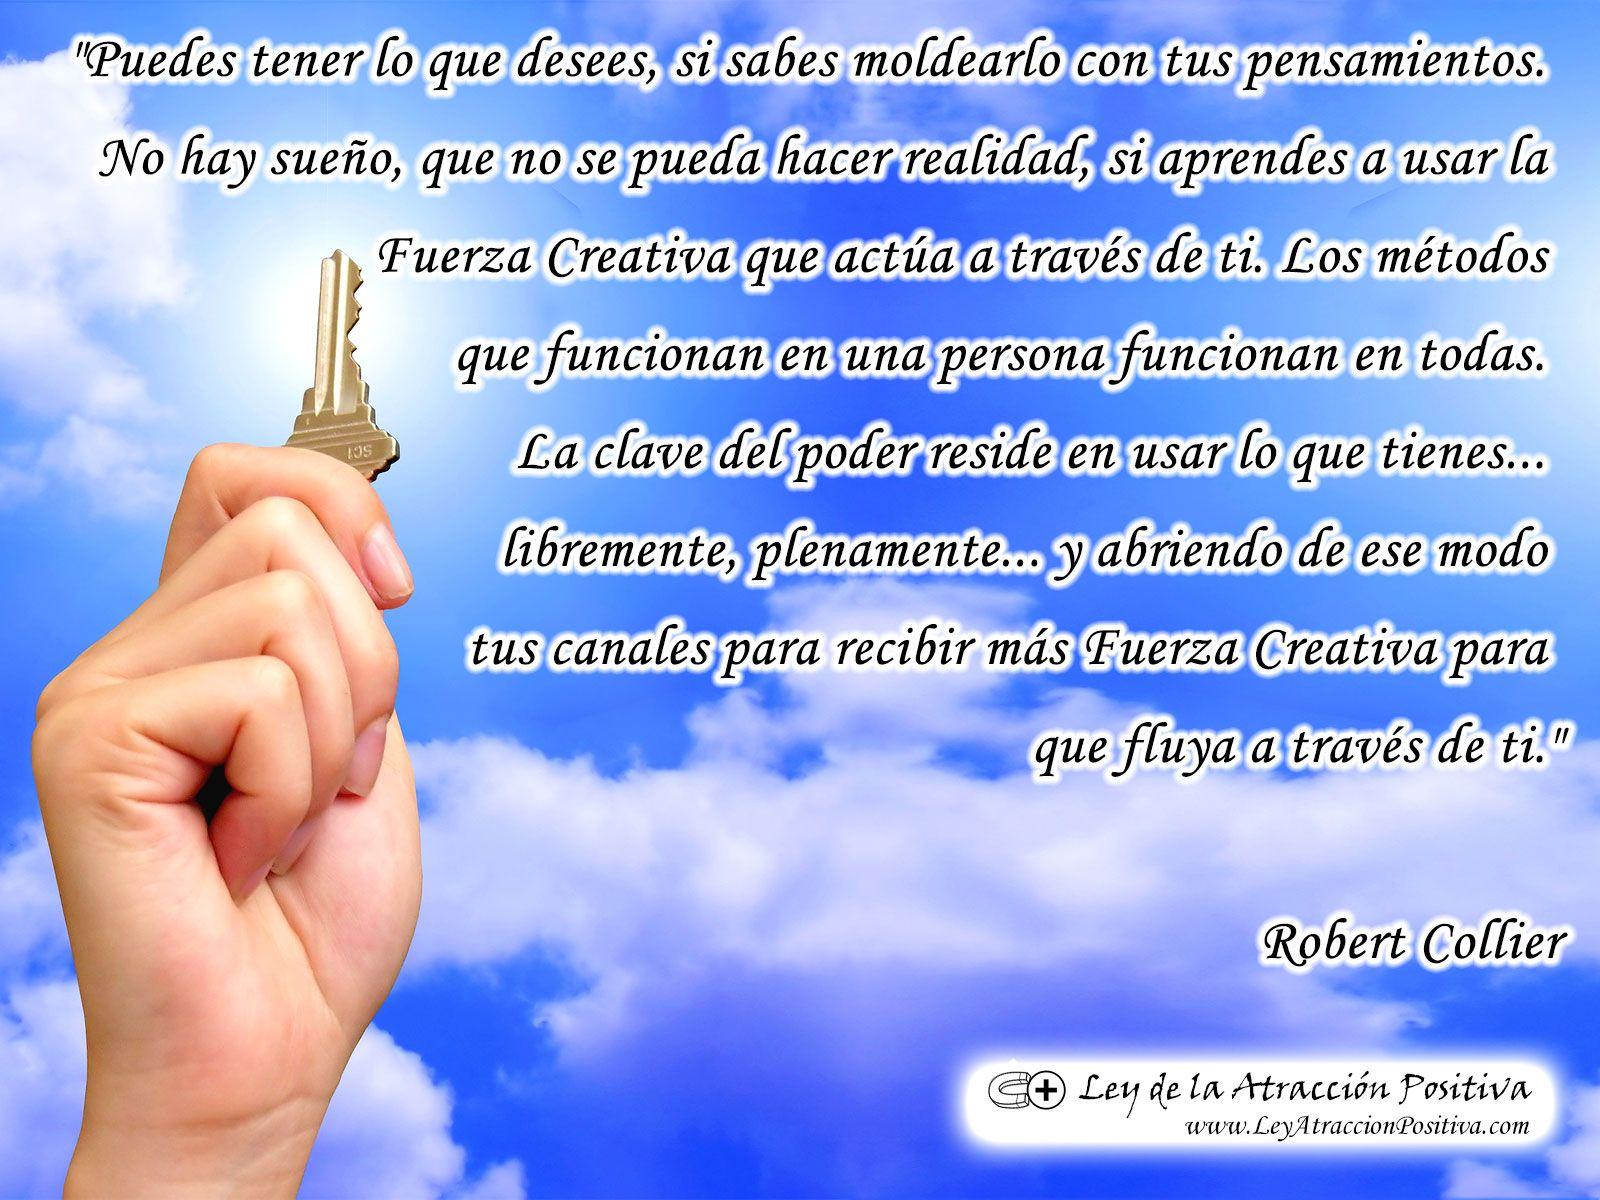 Frases El Secreto Ley De Atraccion Positiva 09 Ley De La